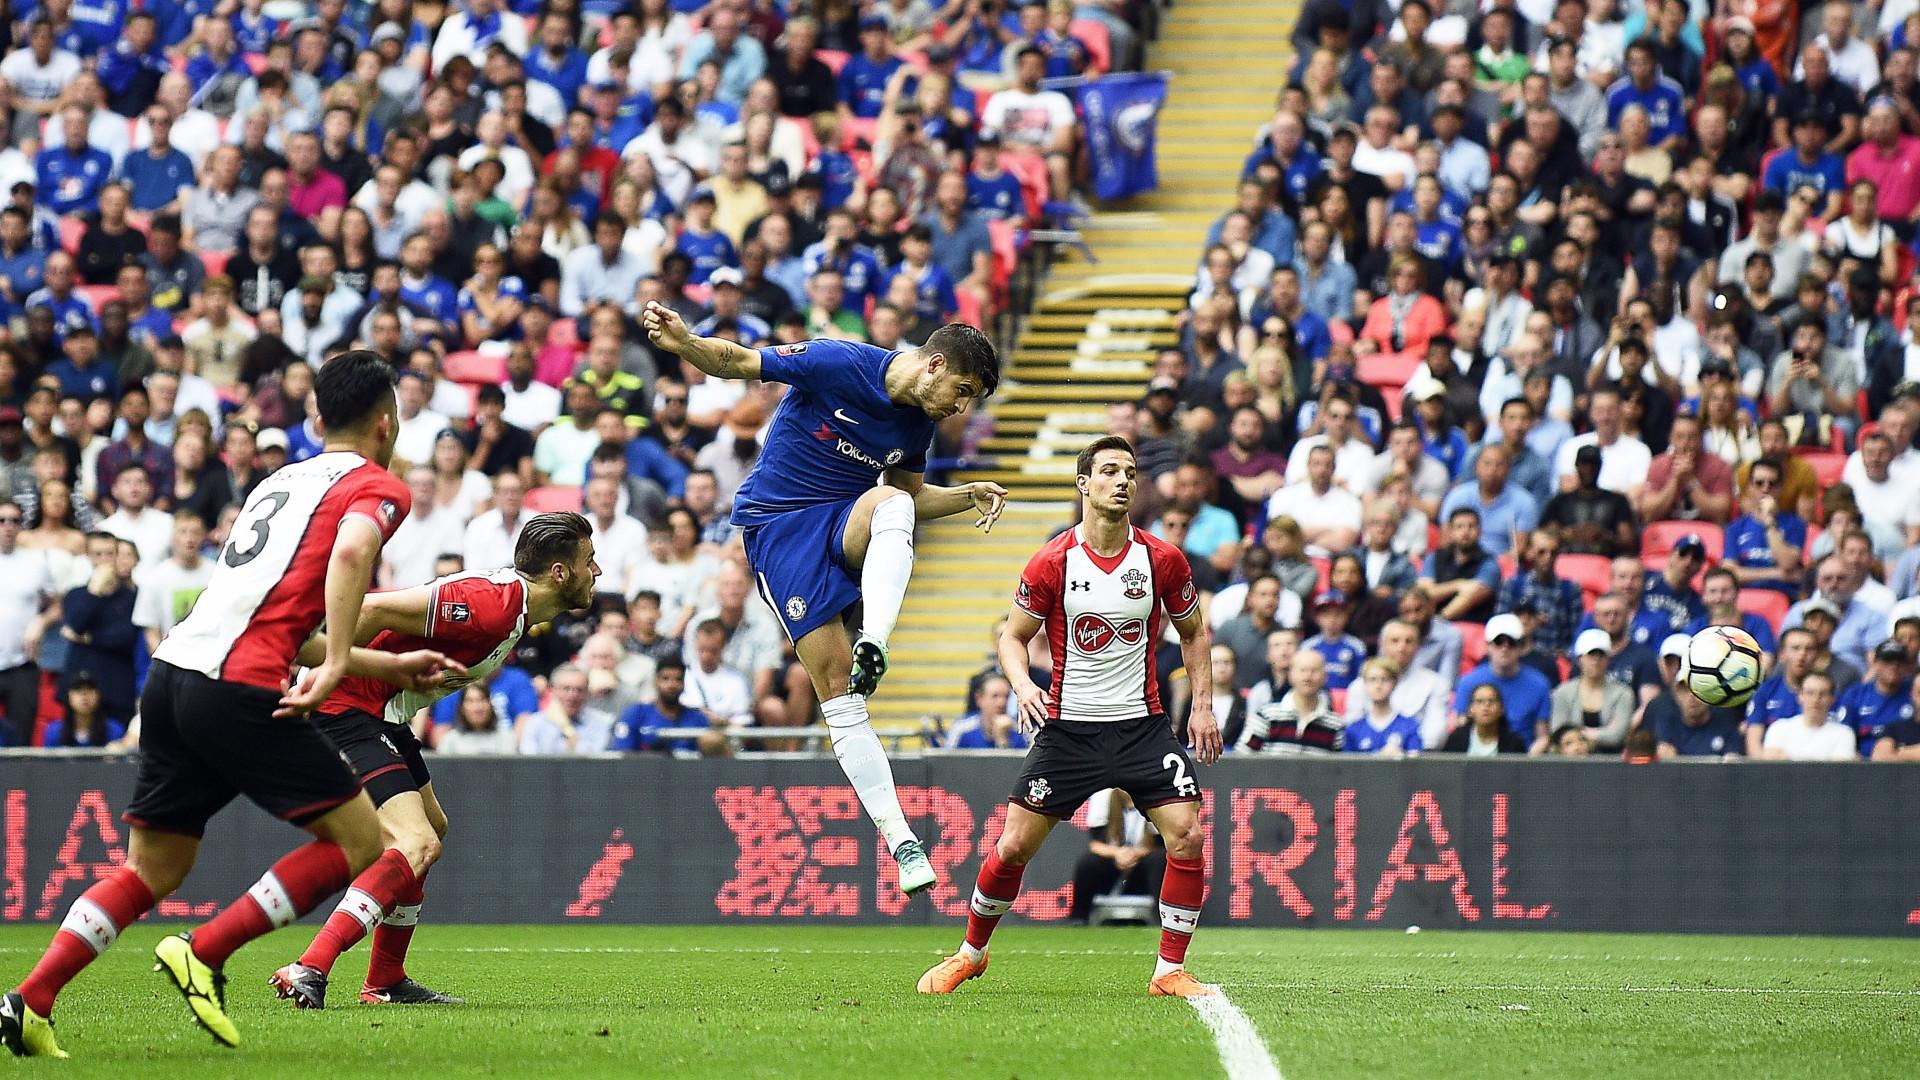 Chelsea vence e encara United na final